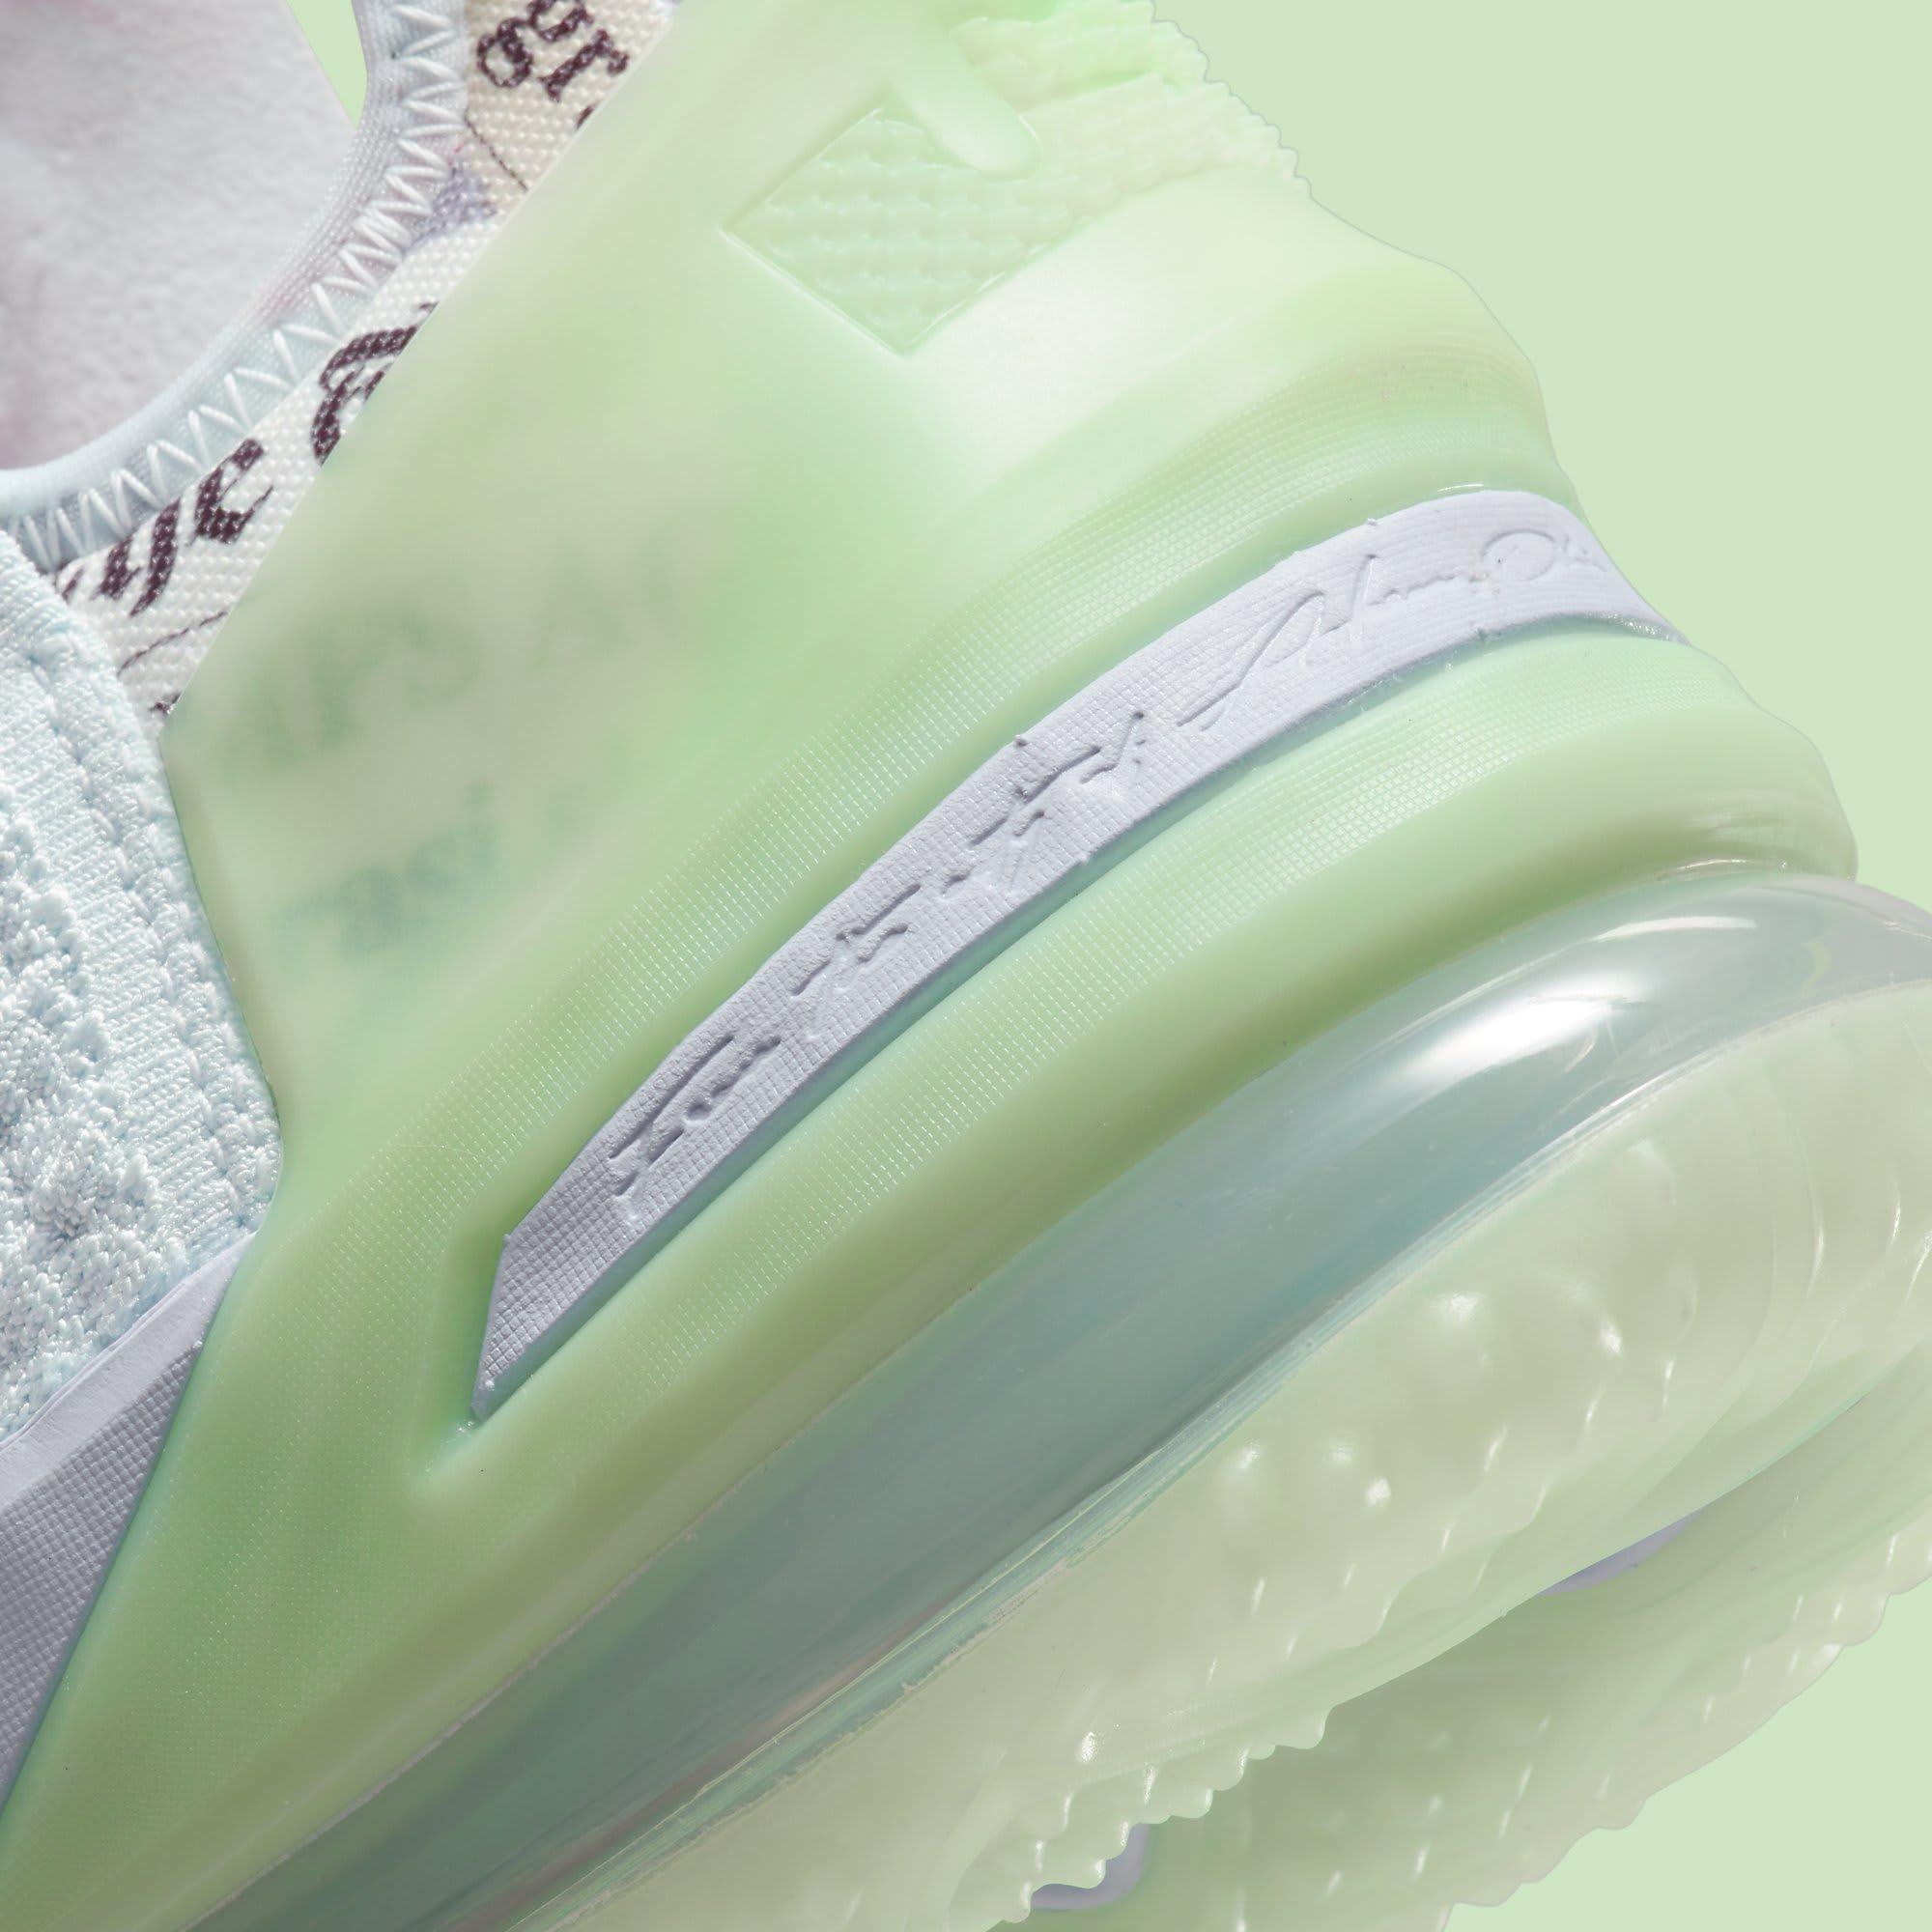 Diana Taurasi x Nike LeBron 18 PE CQ9283-401 Heel